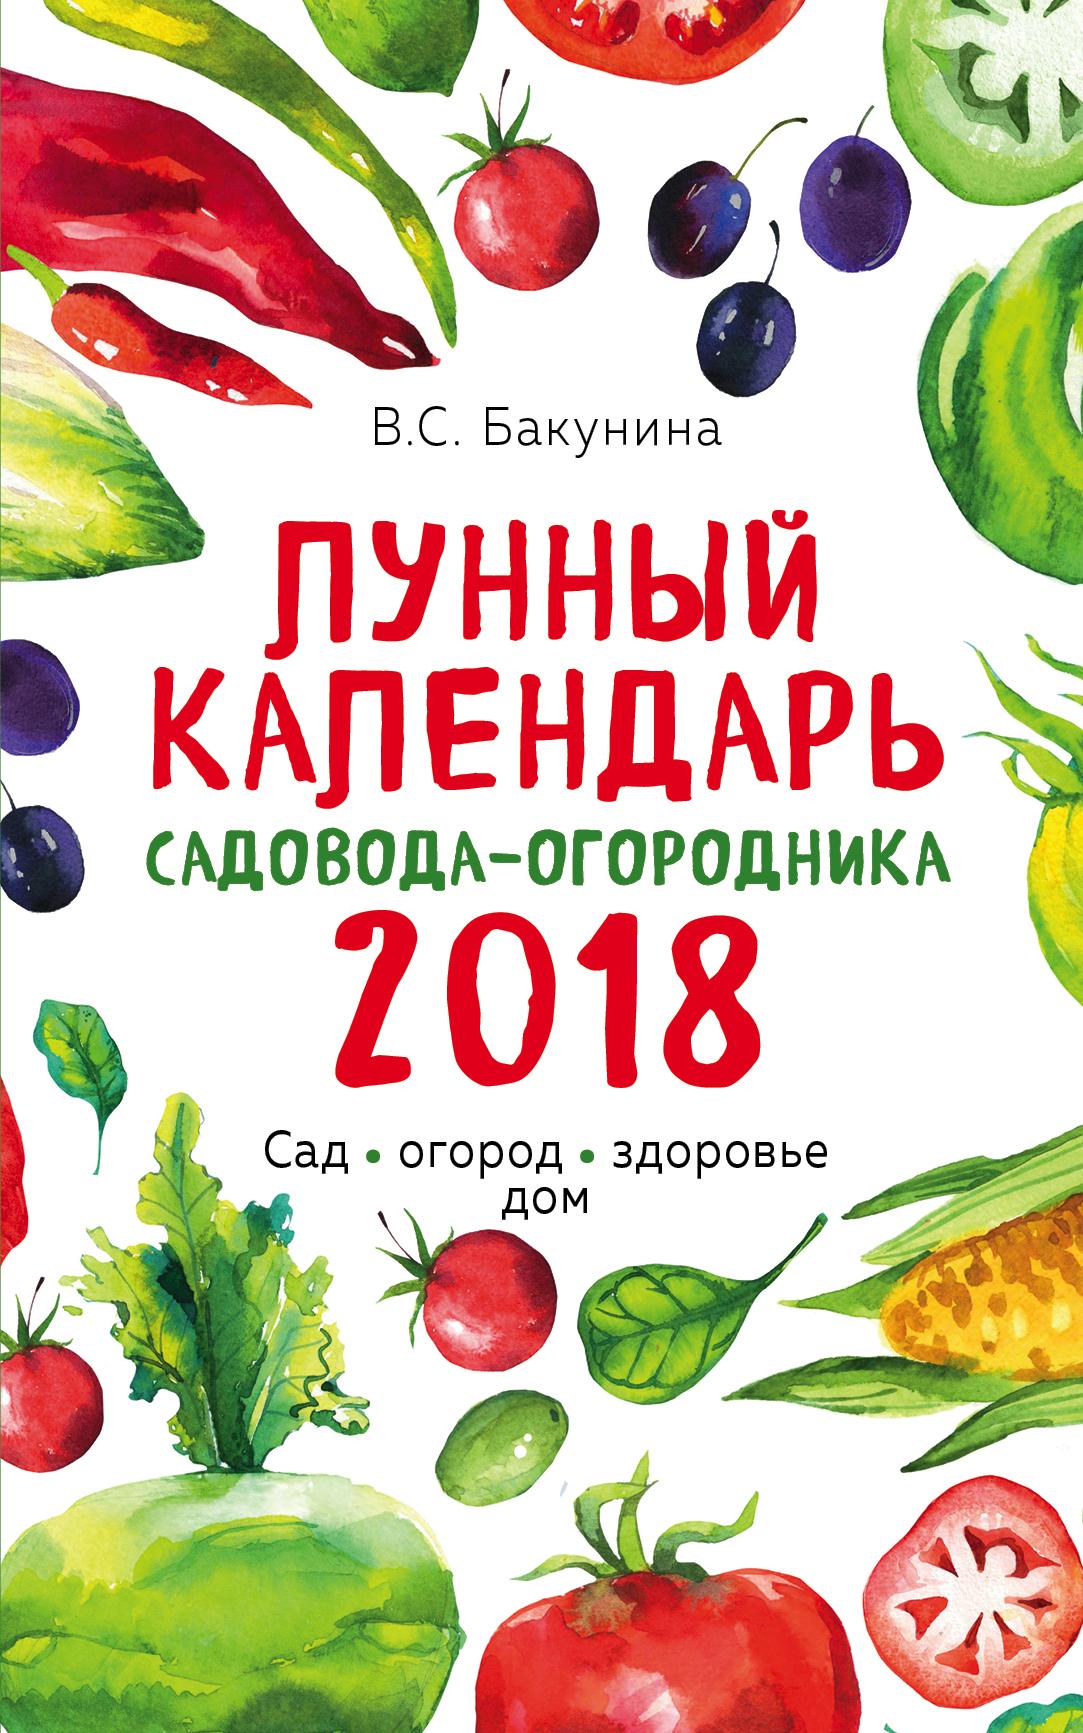 Виктория Бакунина Лунный календарь садовода-огородника 2018. Сад, огород, здоровье, дом